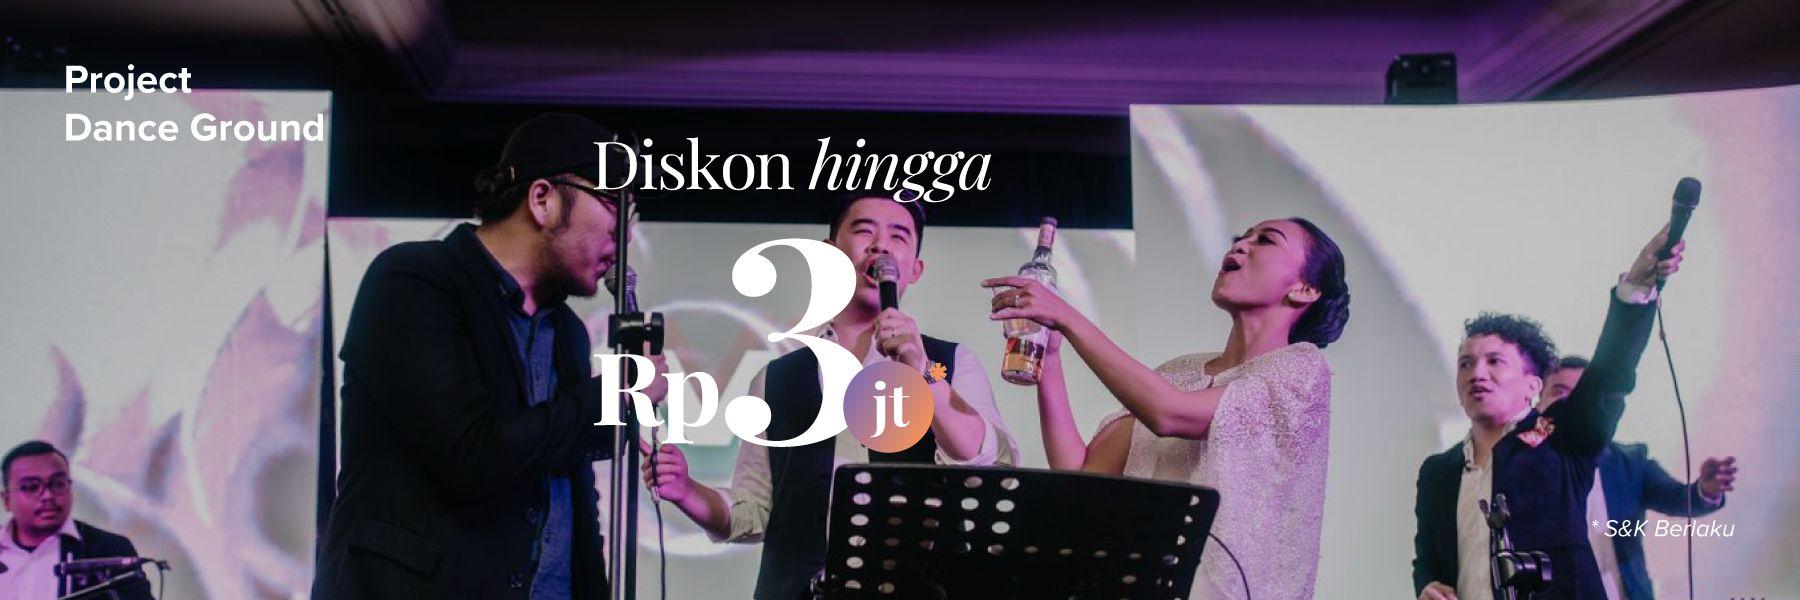 Potongan hingga Rp 3,000,000 untuk Project Dance Ground